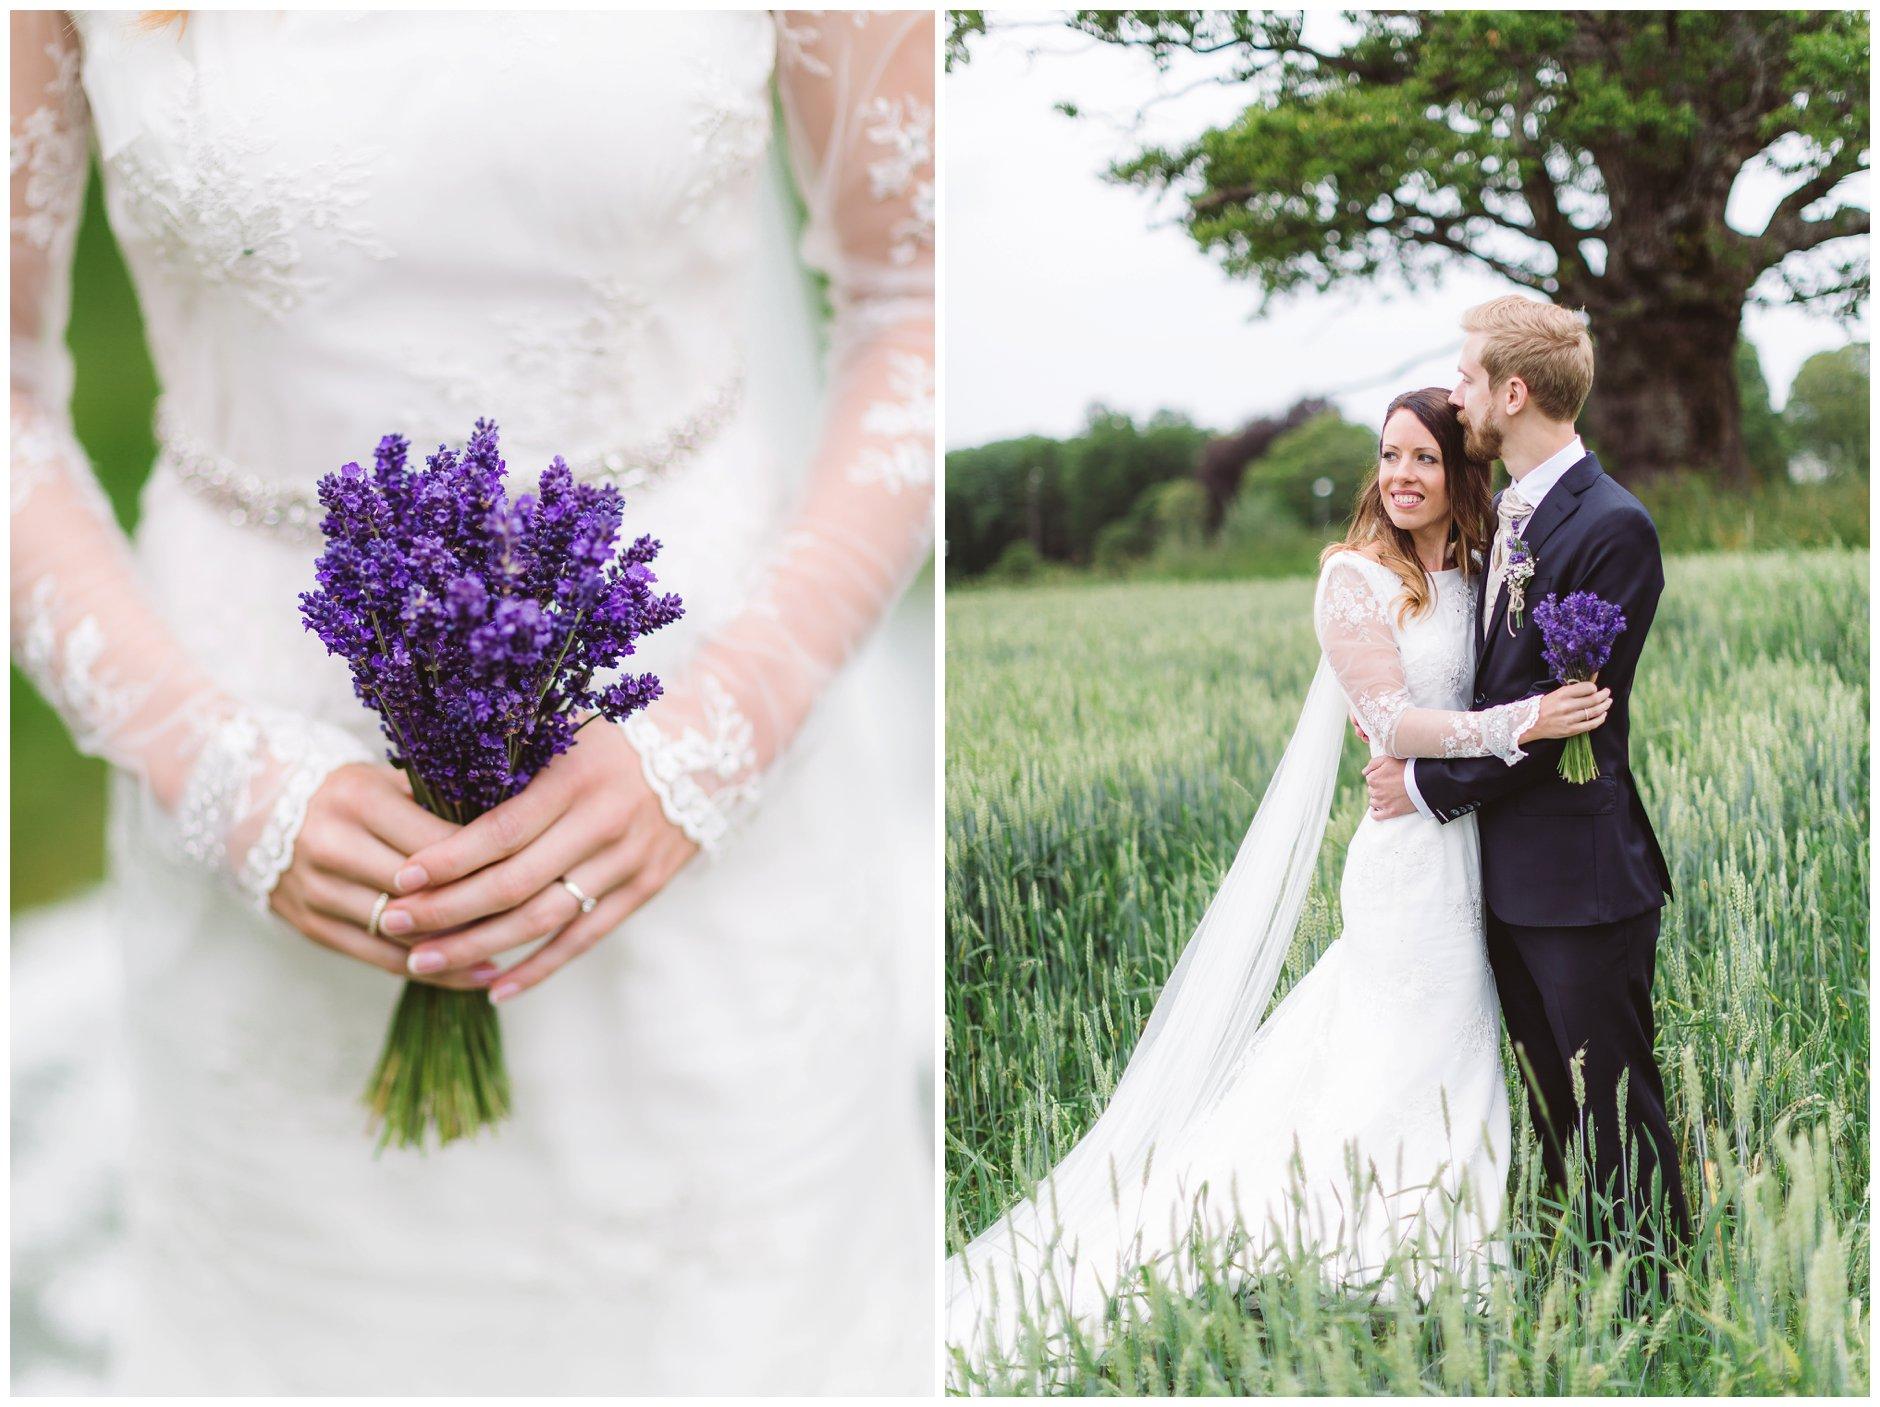 Brudebukett med lavendel og blondedetaljer